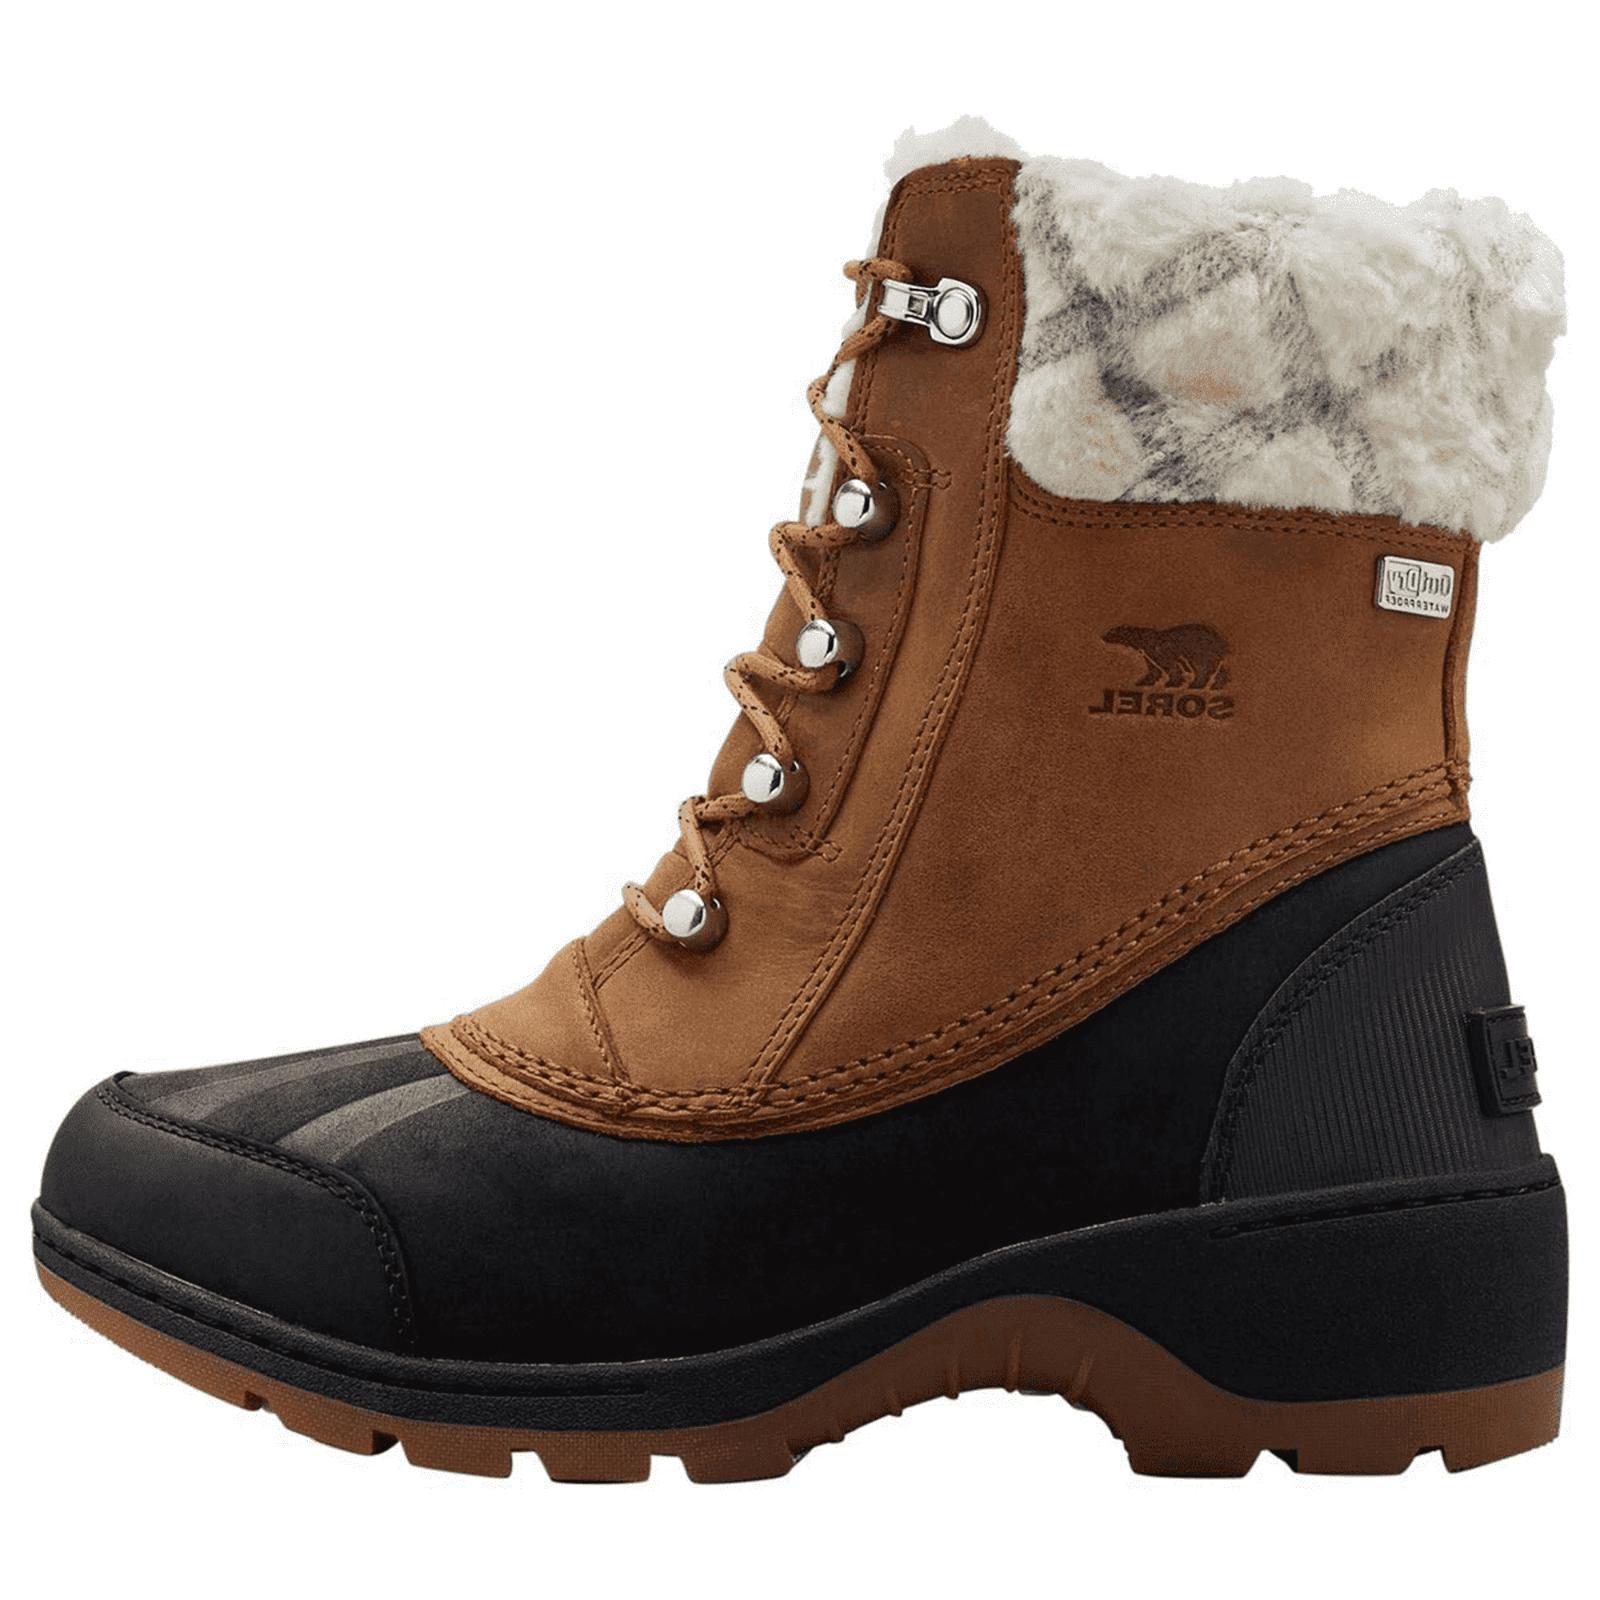 Sorel Waterproof Snow Brown Black US